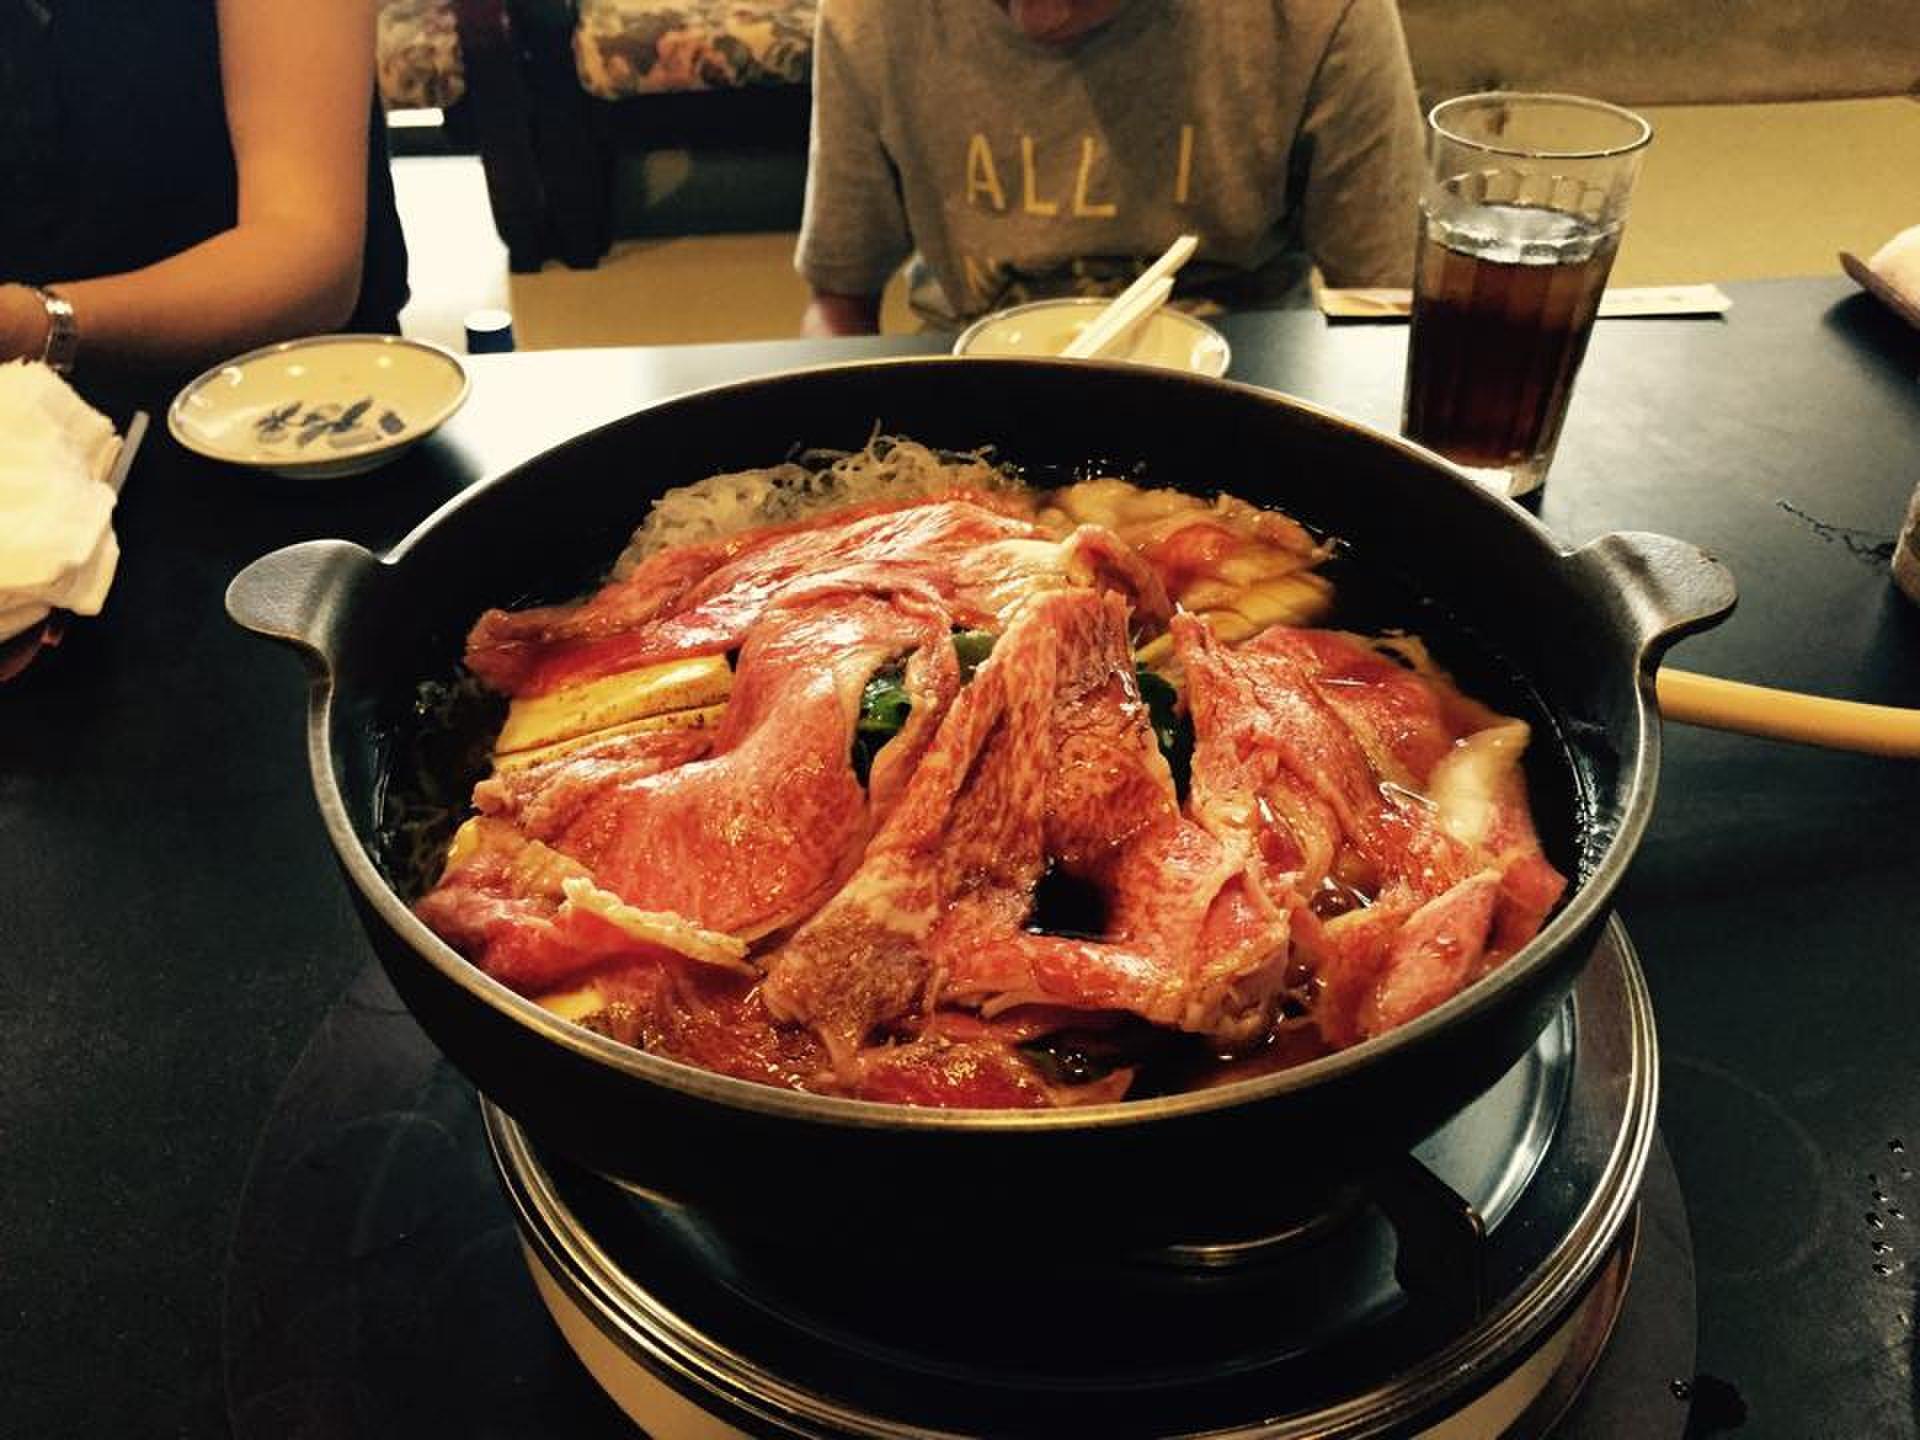 【函館でグルメを楽しむ】安くて新鮮で美味しい!北海道で行くべきお店5選!